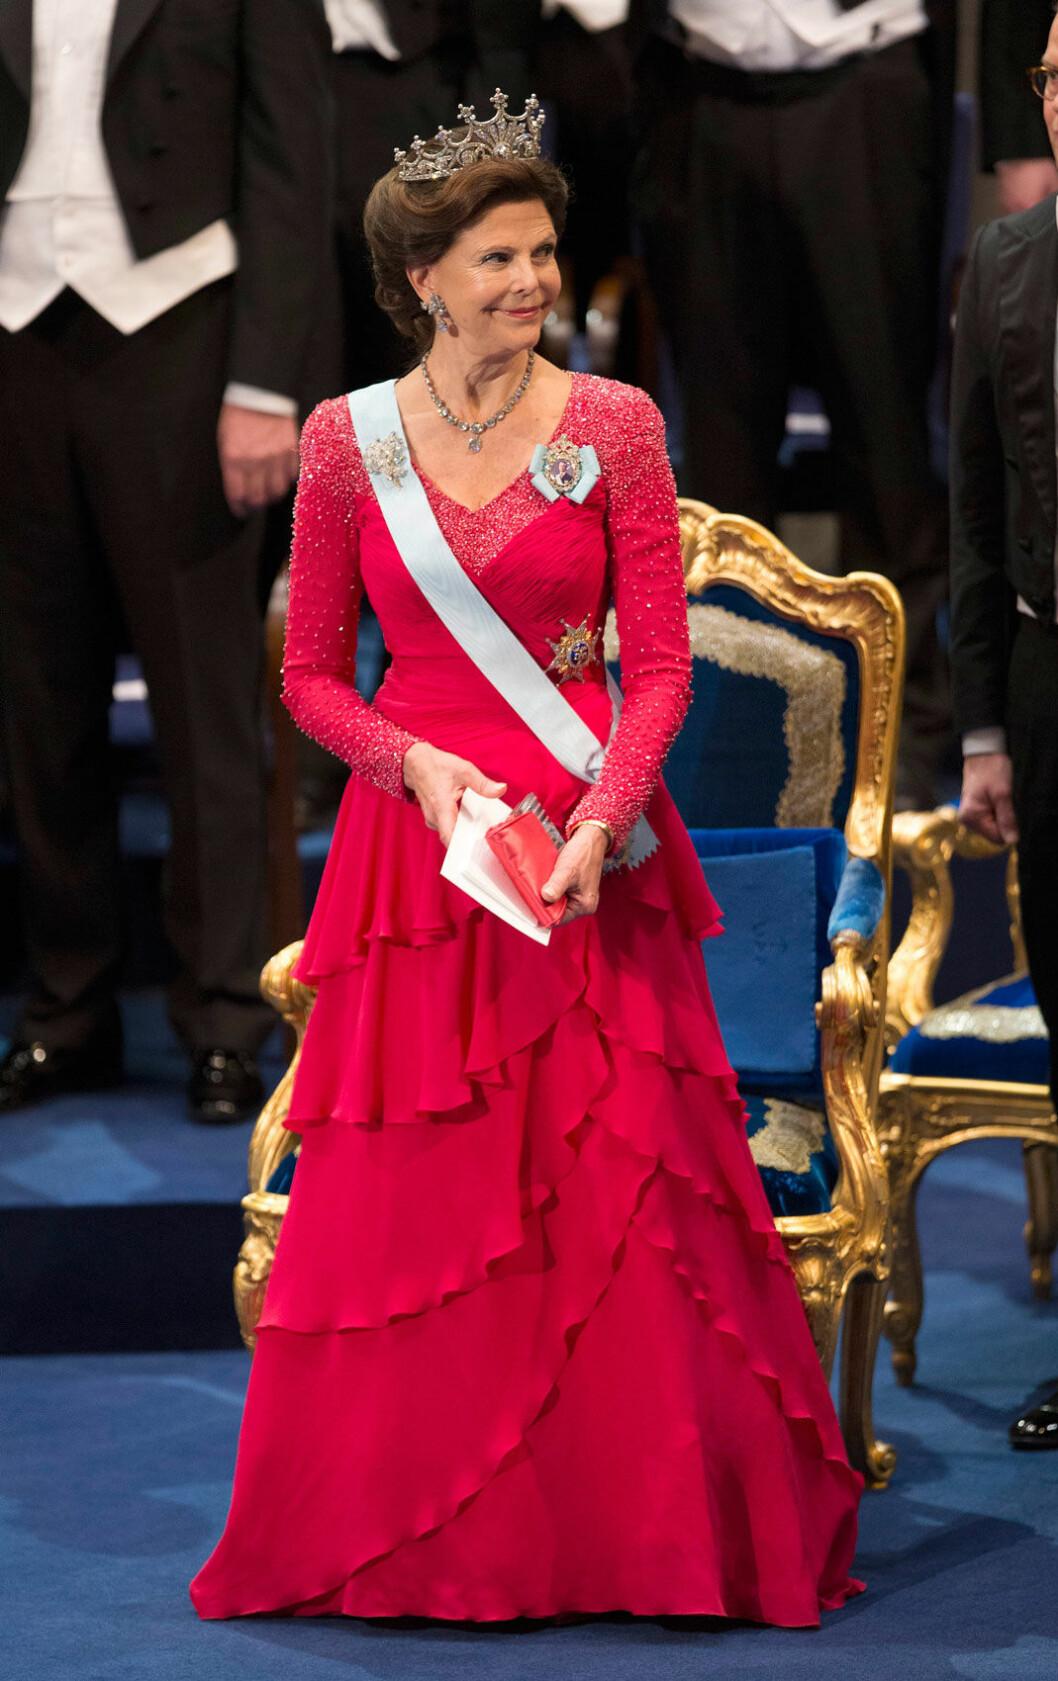 2013 bar drottningen en klänning som vi för första gången såg i samband med prinsessan Madeleines bröllop tidigare samma år